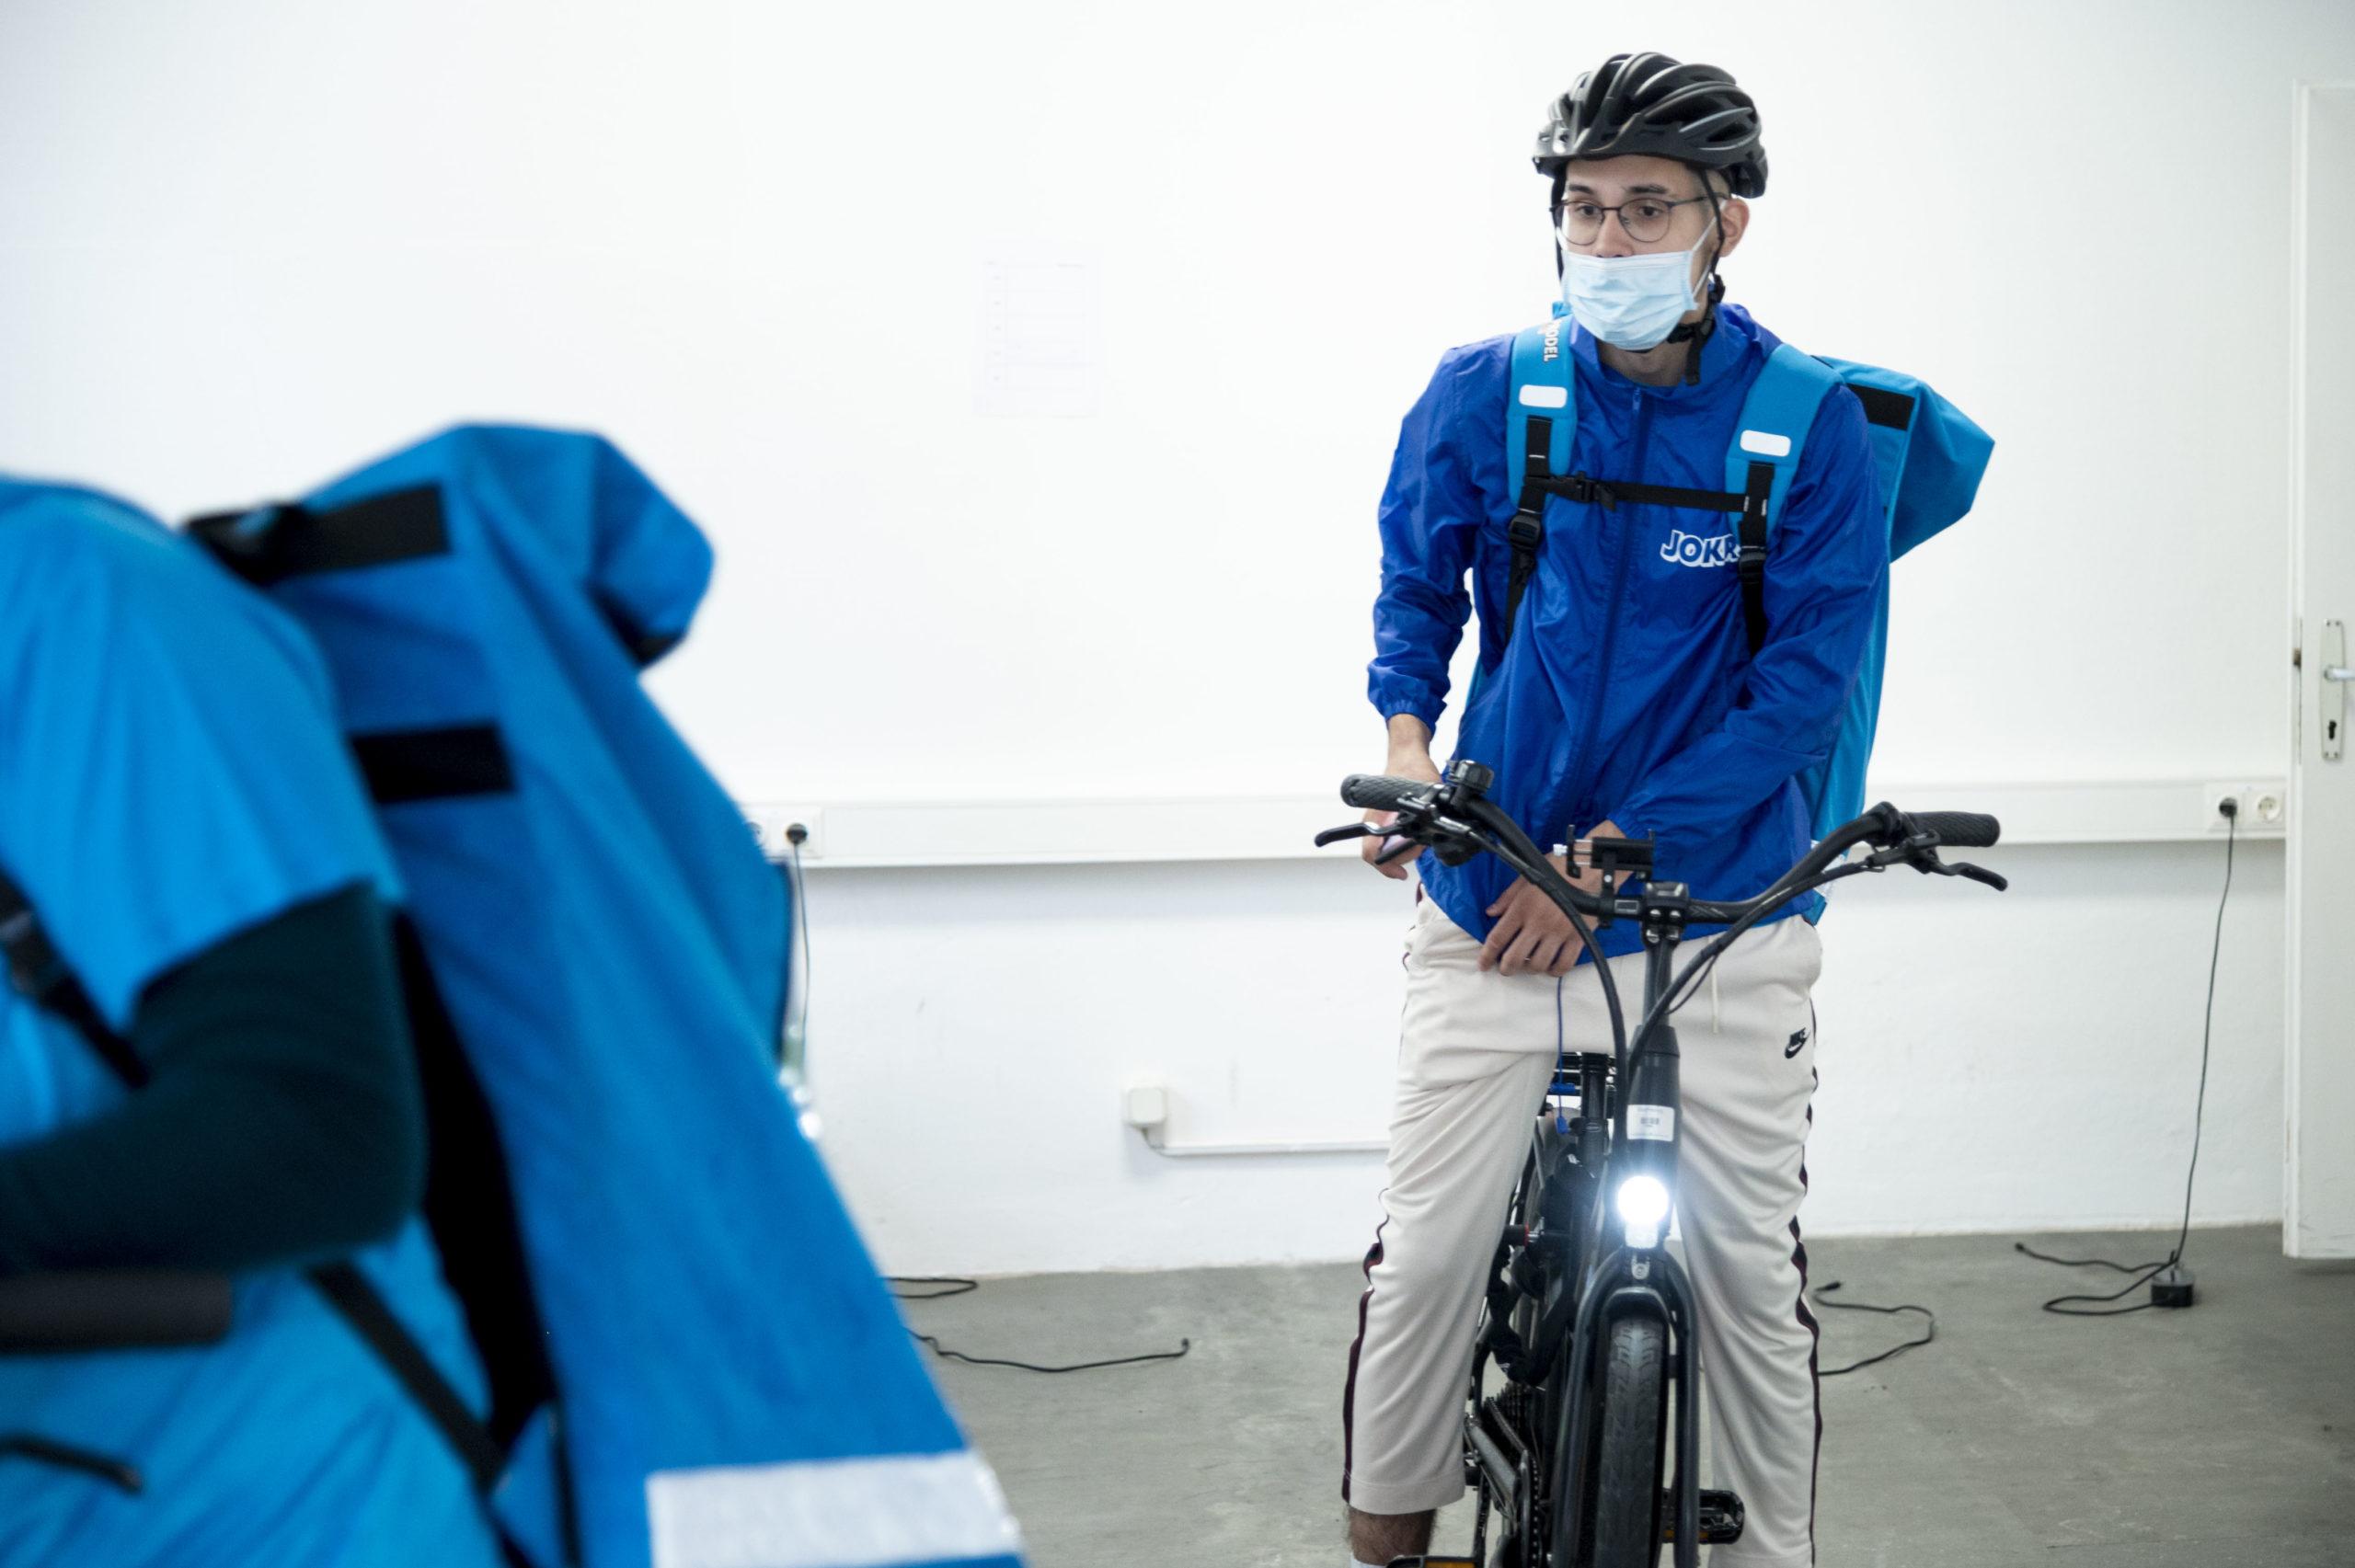 Ein Rider macht sich auf den Weg © Trending Topics / Julia Pabst